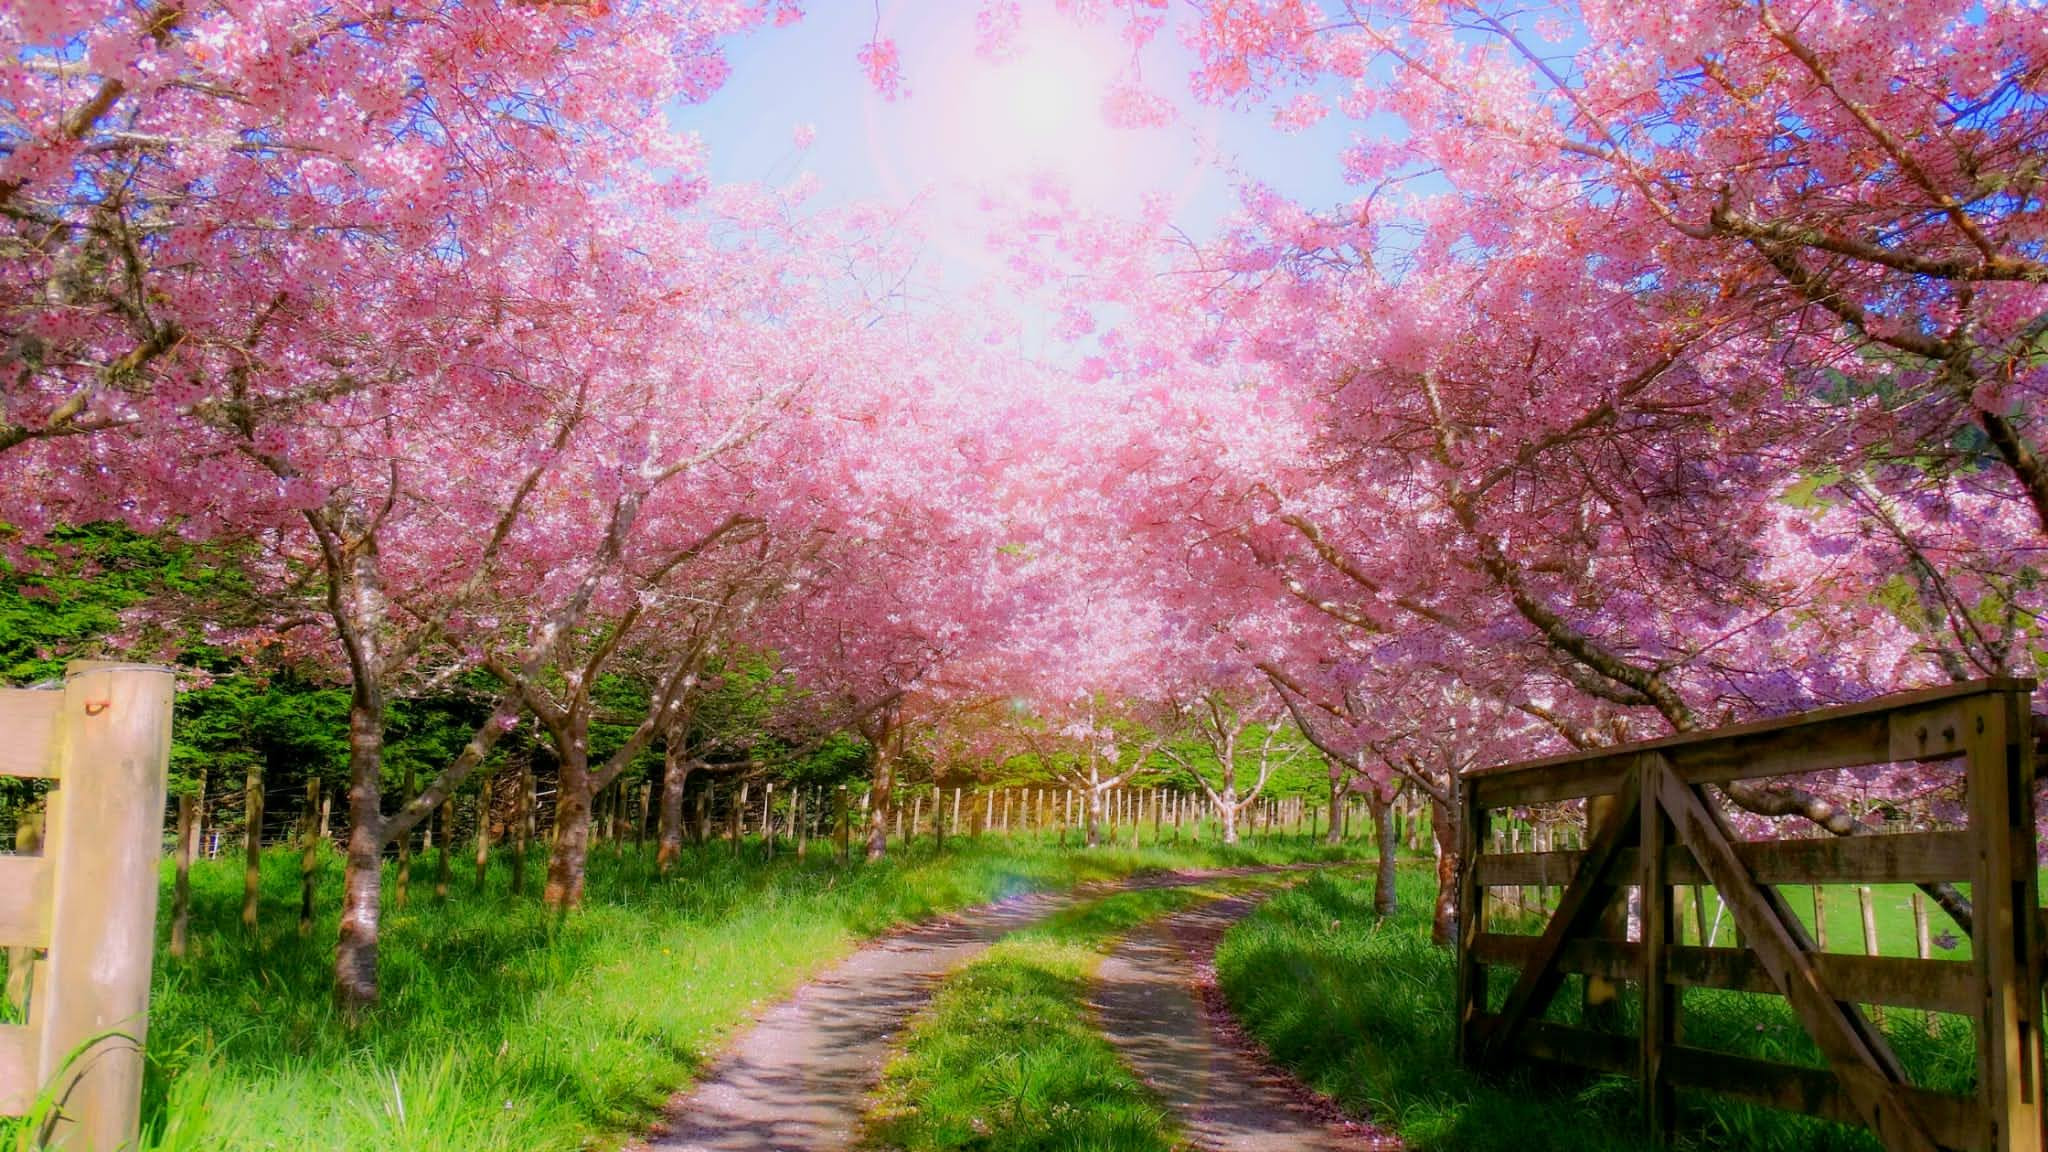 Ostara, Pasqua, Pagani, Equinozio Di Primavera